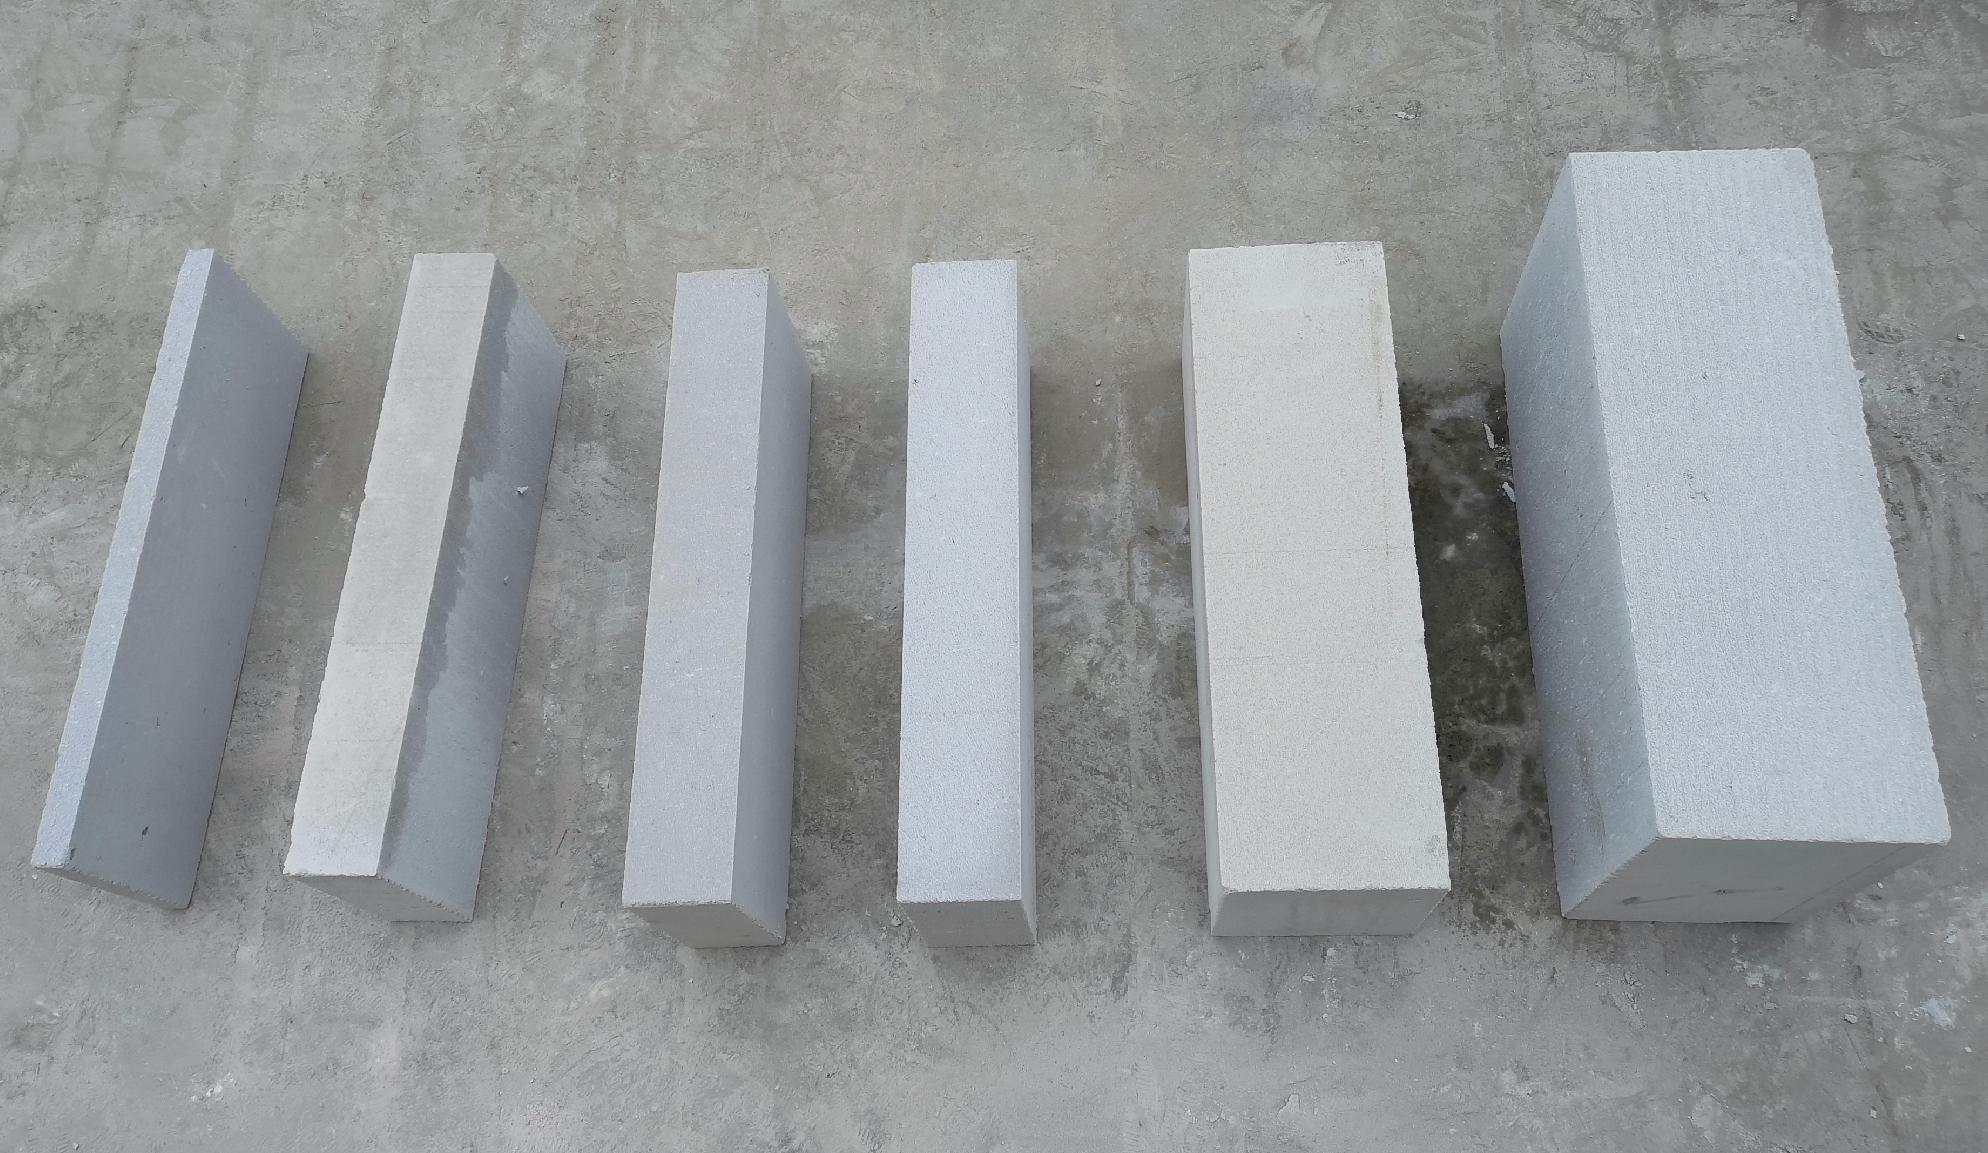 華升陽產品